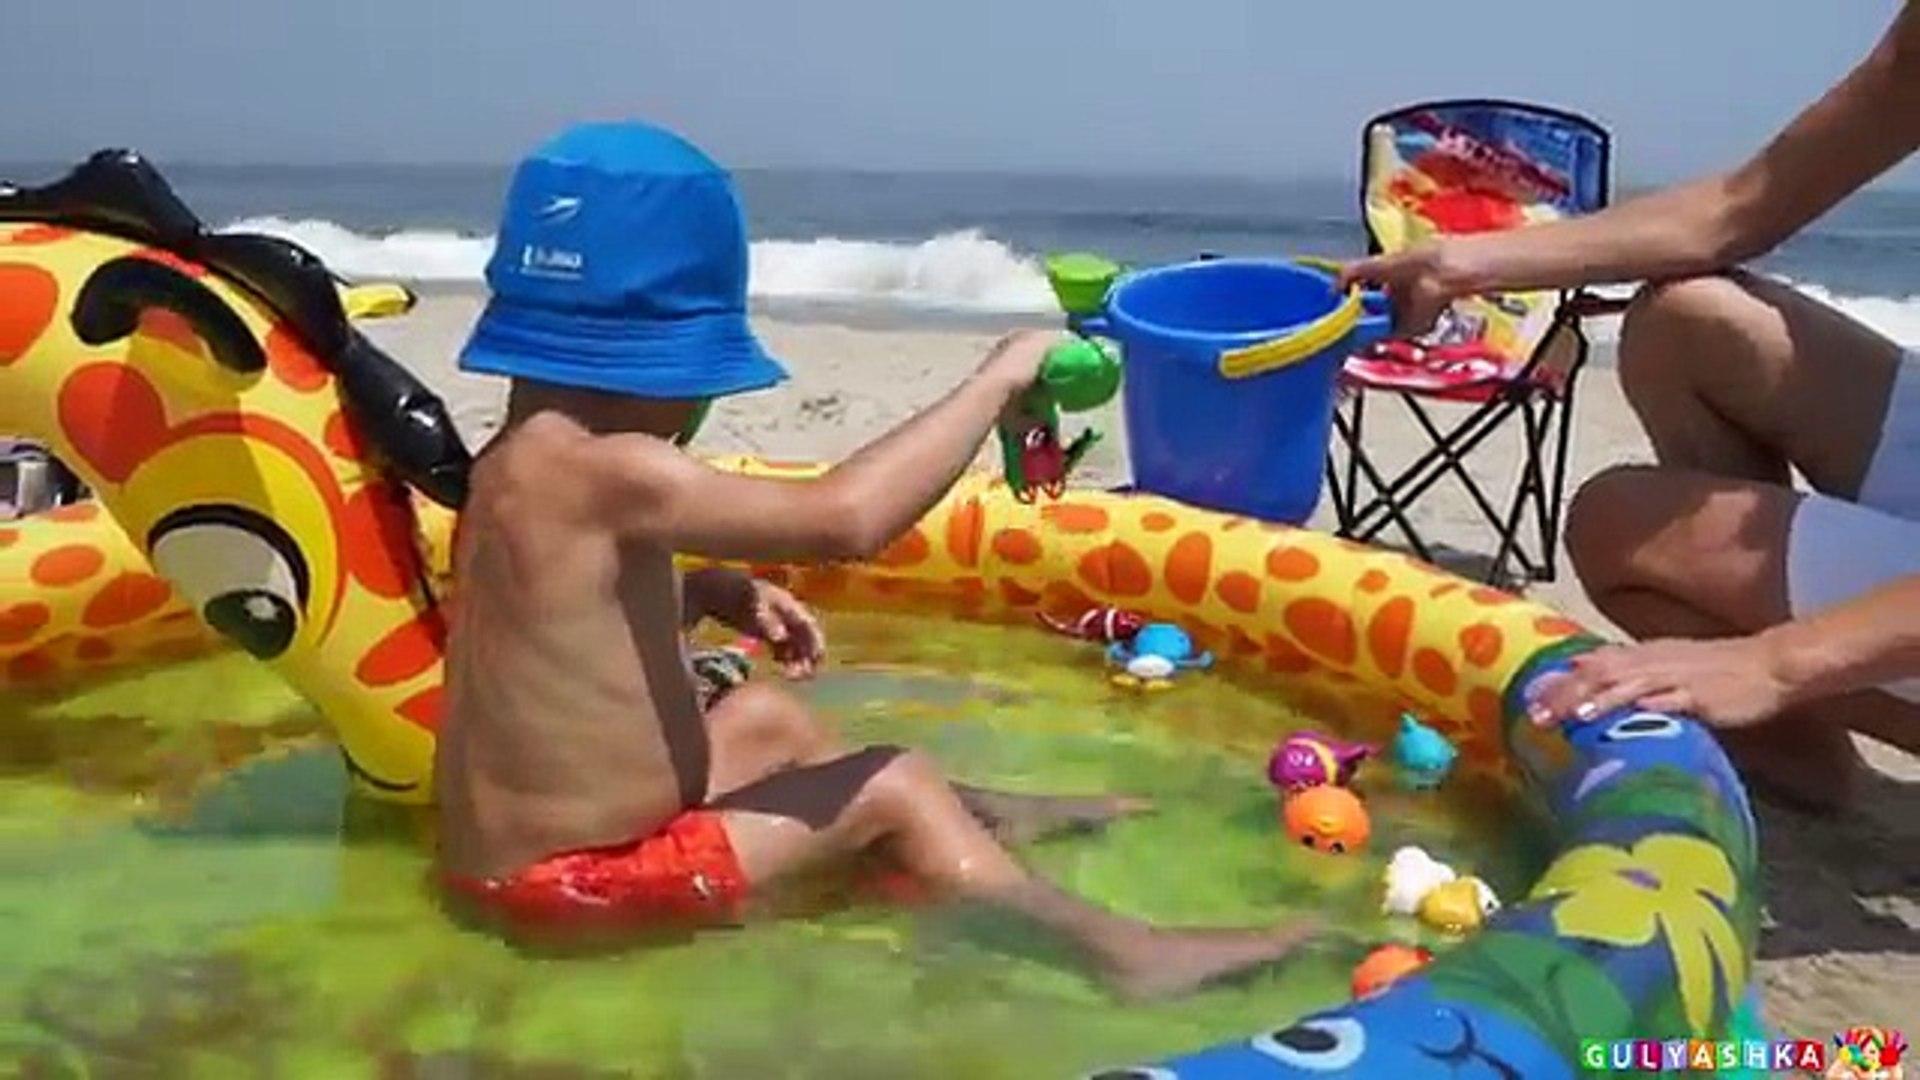 Макс Ловит Рыбку и Играет Машинками на Пляже Америка Видео для детей влог kids toys entertainment